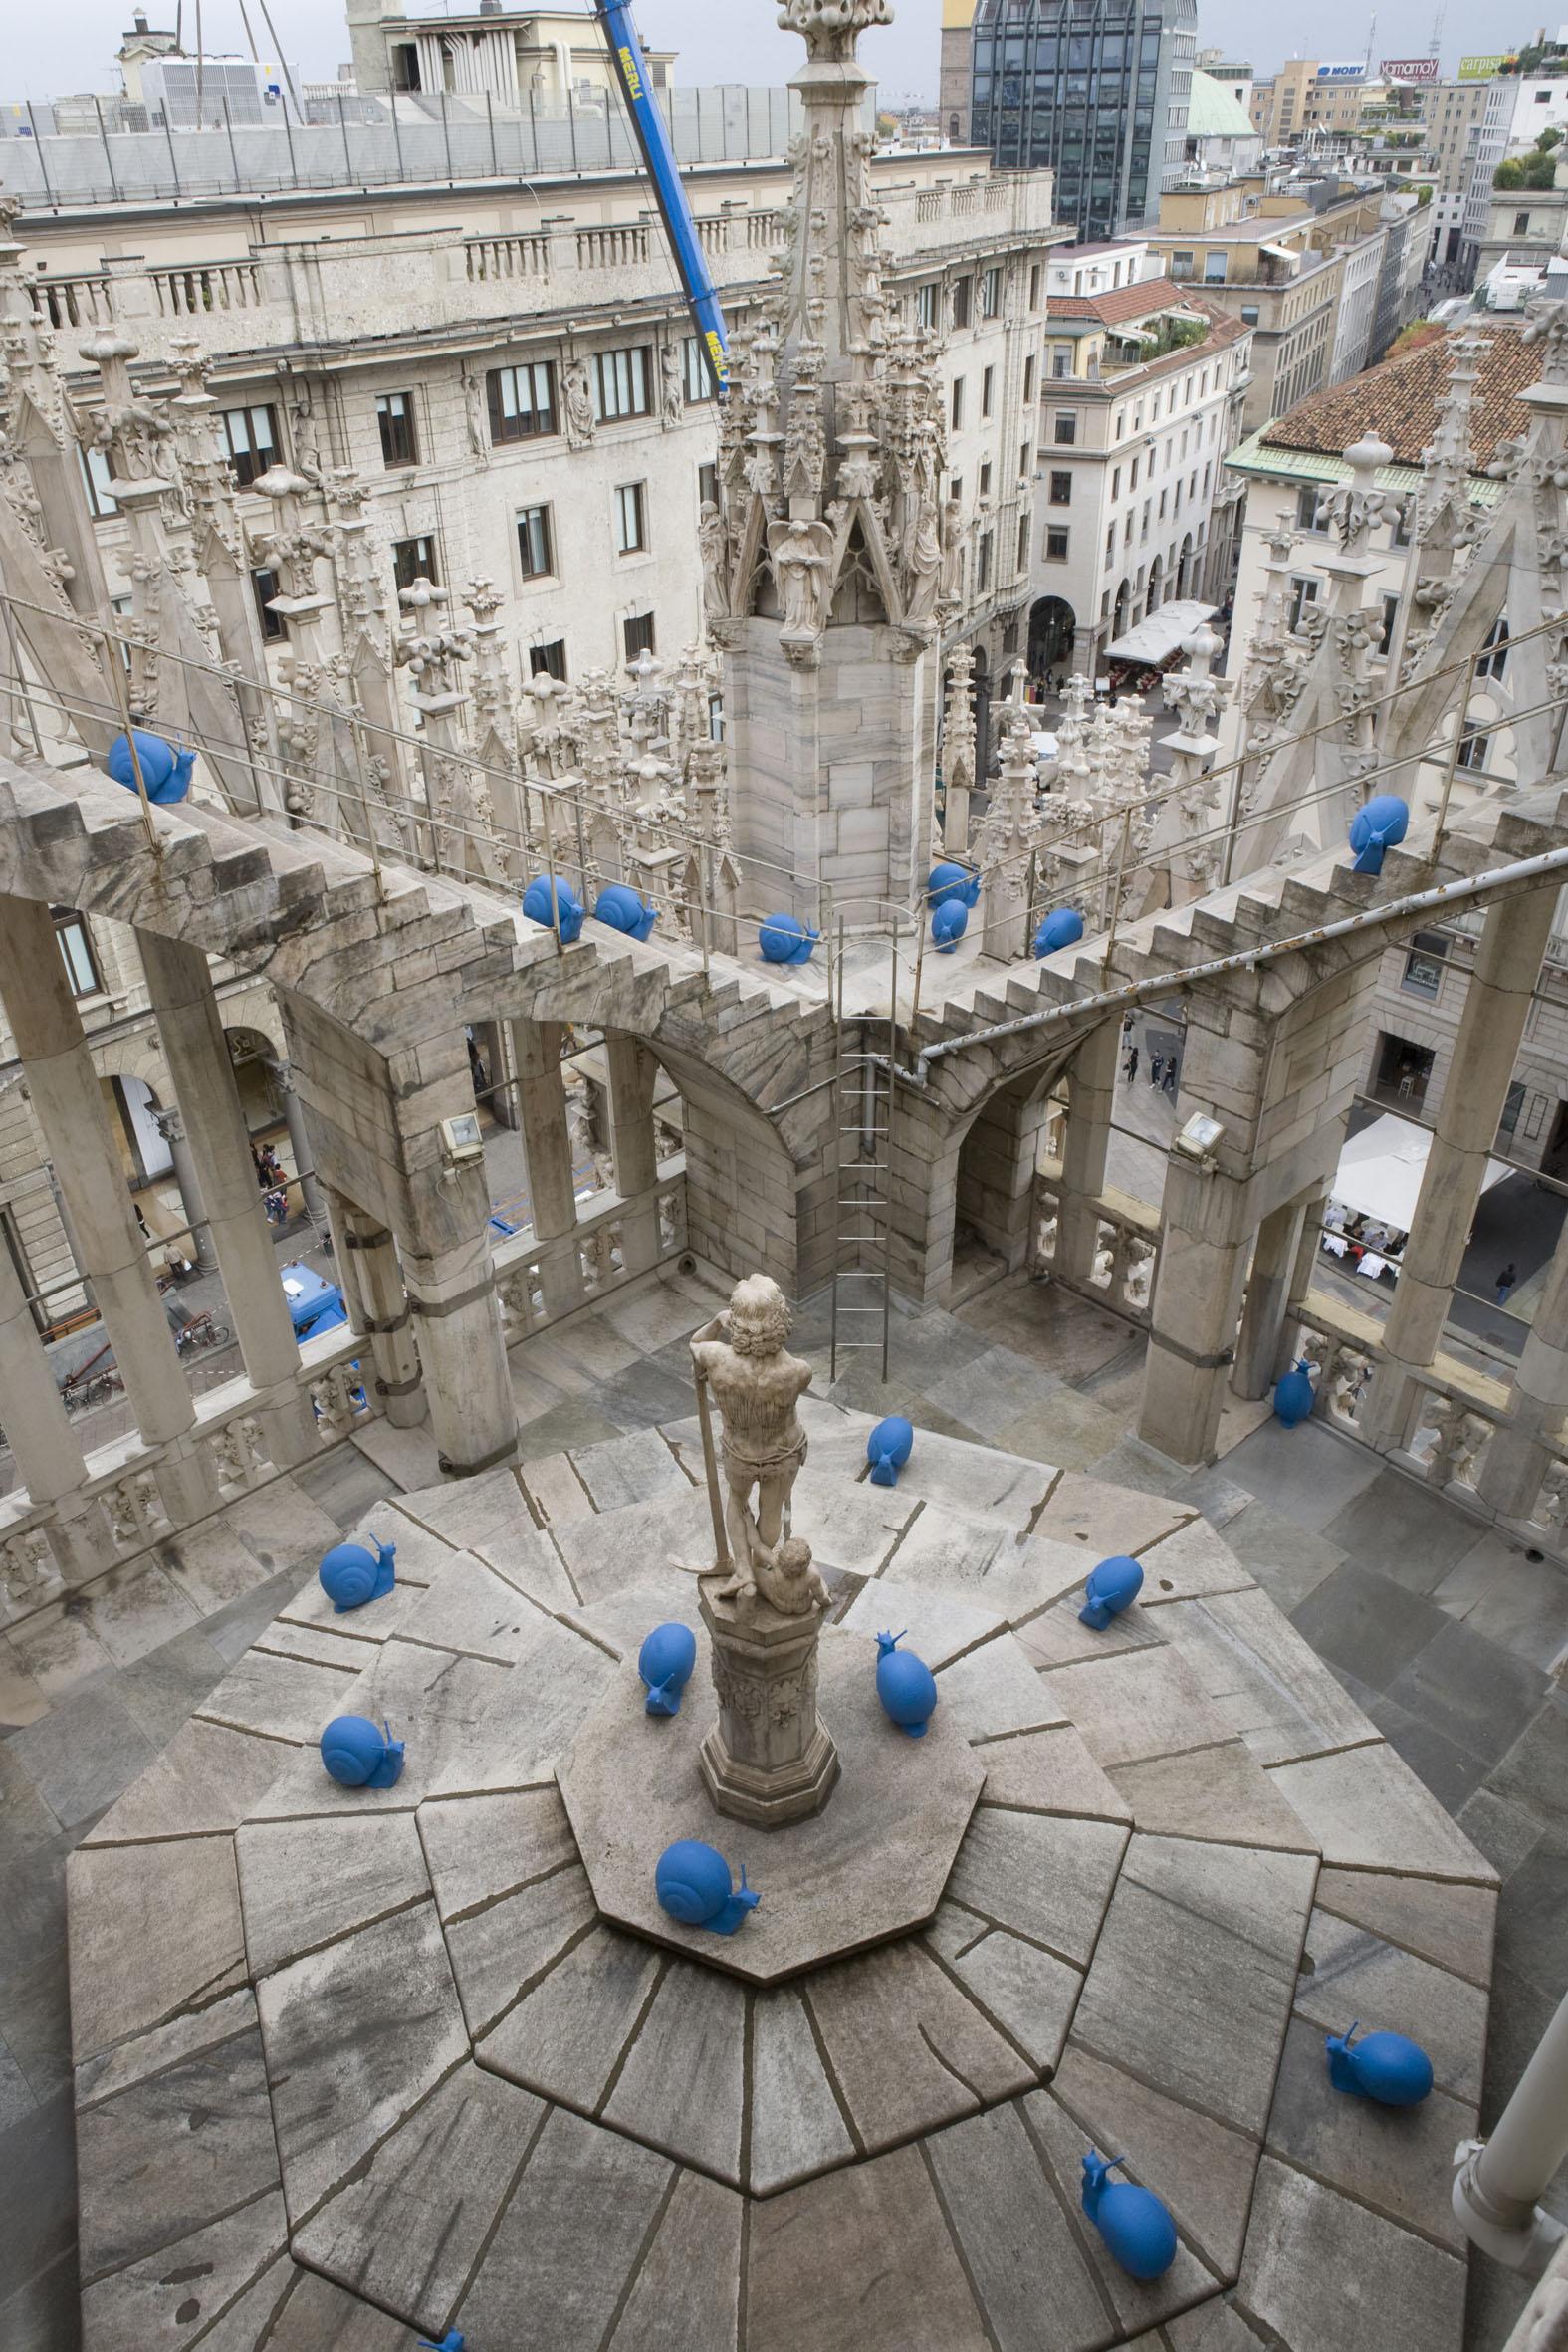 Lumache blu in processione sulla terrazza del Duomo di